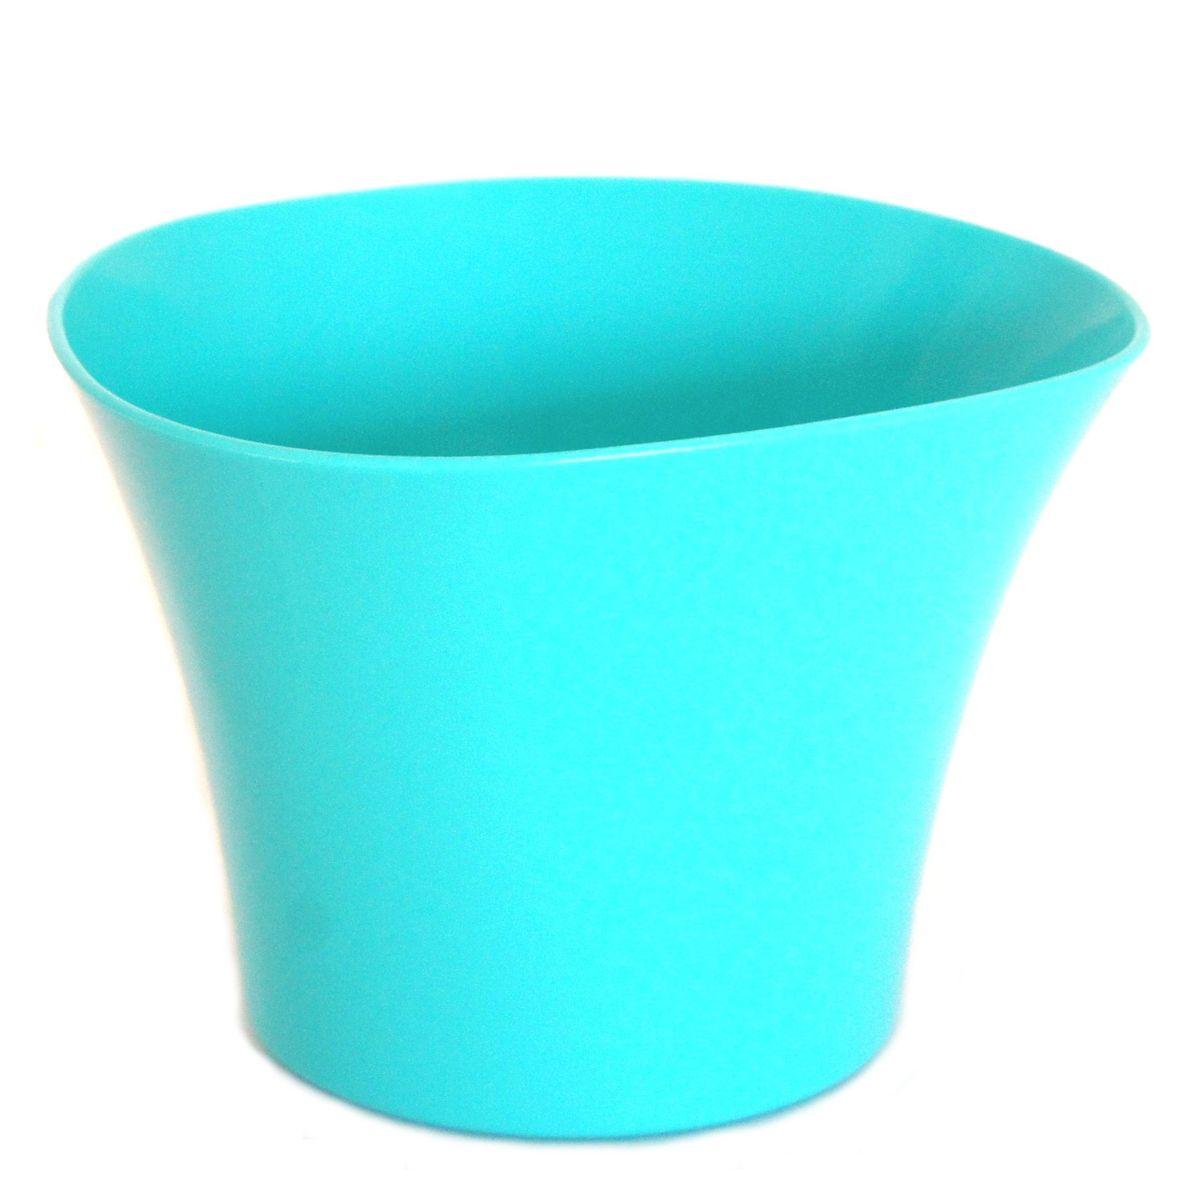 Кашпо JetPlast Волна, цвет: бирюзовый, 600 мл4612754051458Кашпо Волна имеет уникальную форму, сочетающуюся как с классическим, так и с современным дизайном интерьера. Оно изготовлено из прочного полипропилена (пластика) и предназначено для выращивания растений, цветов и трав в домашних условиях. Такое кашпо порадует вас функциональностью, а благодаря лаконичному дизайну впишется в любой интерьер помещения. Объем кашпо: 600 мл.